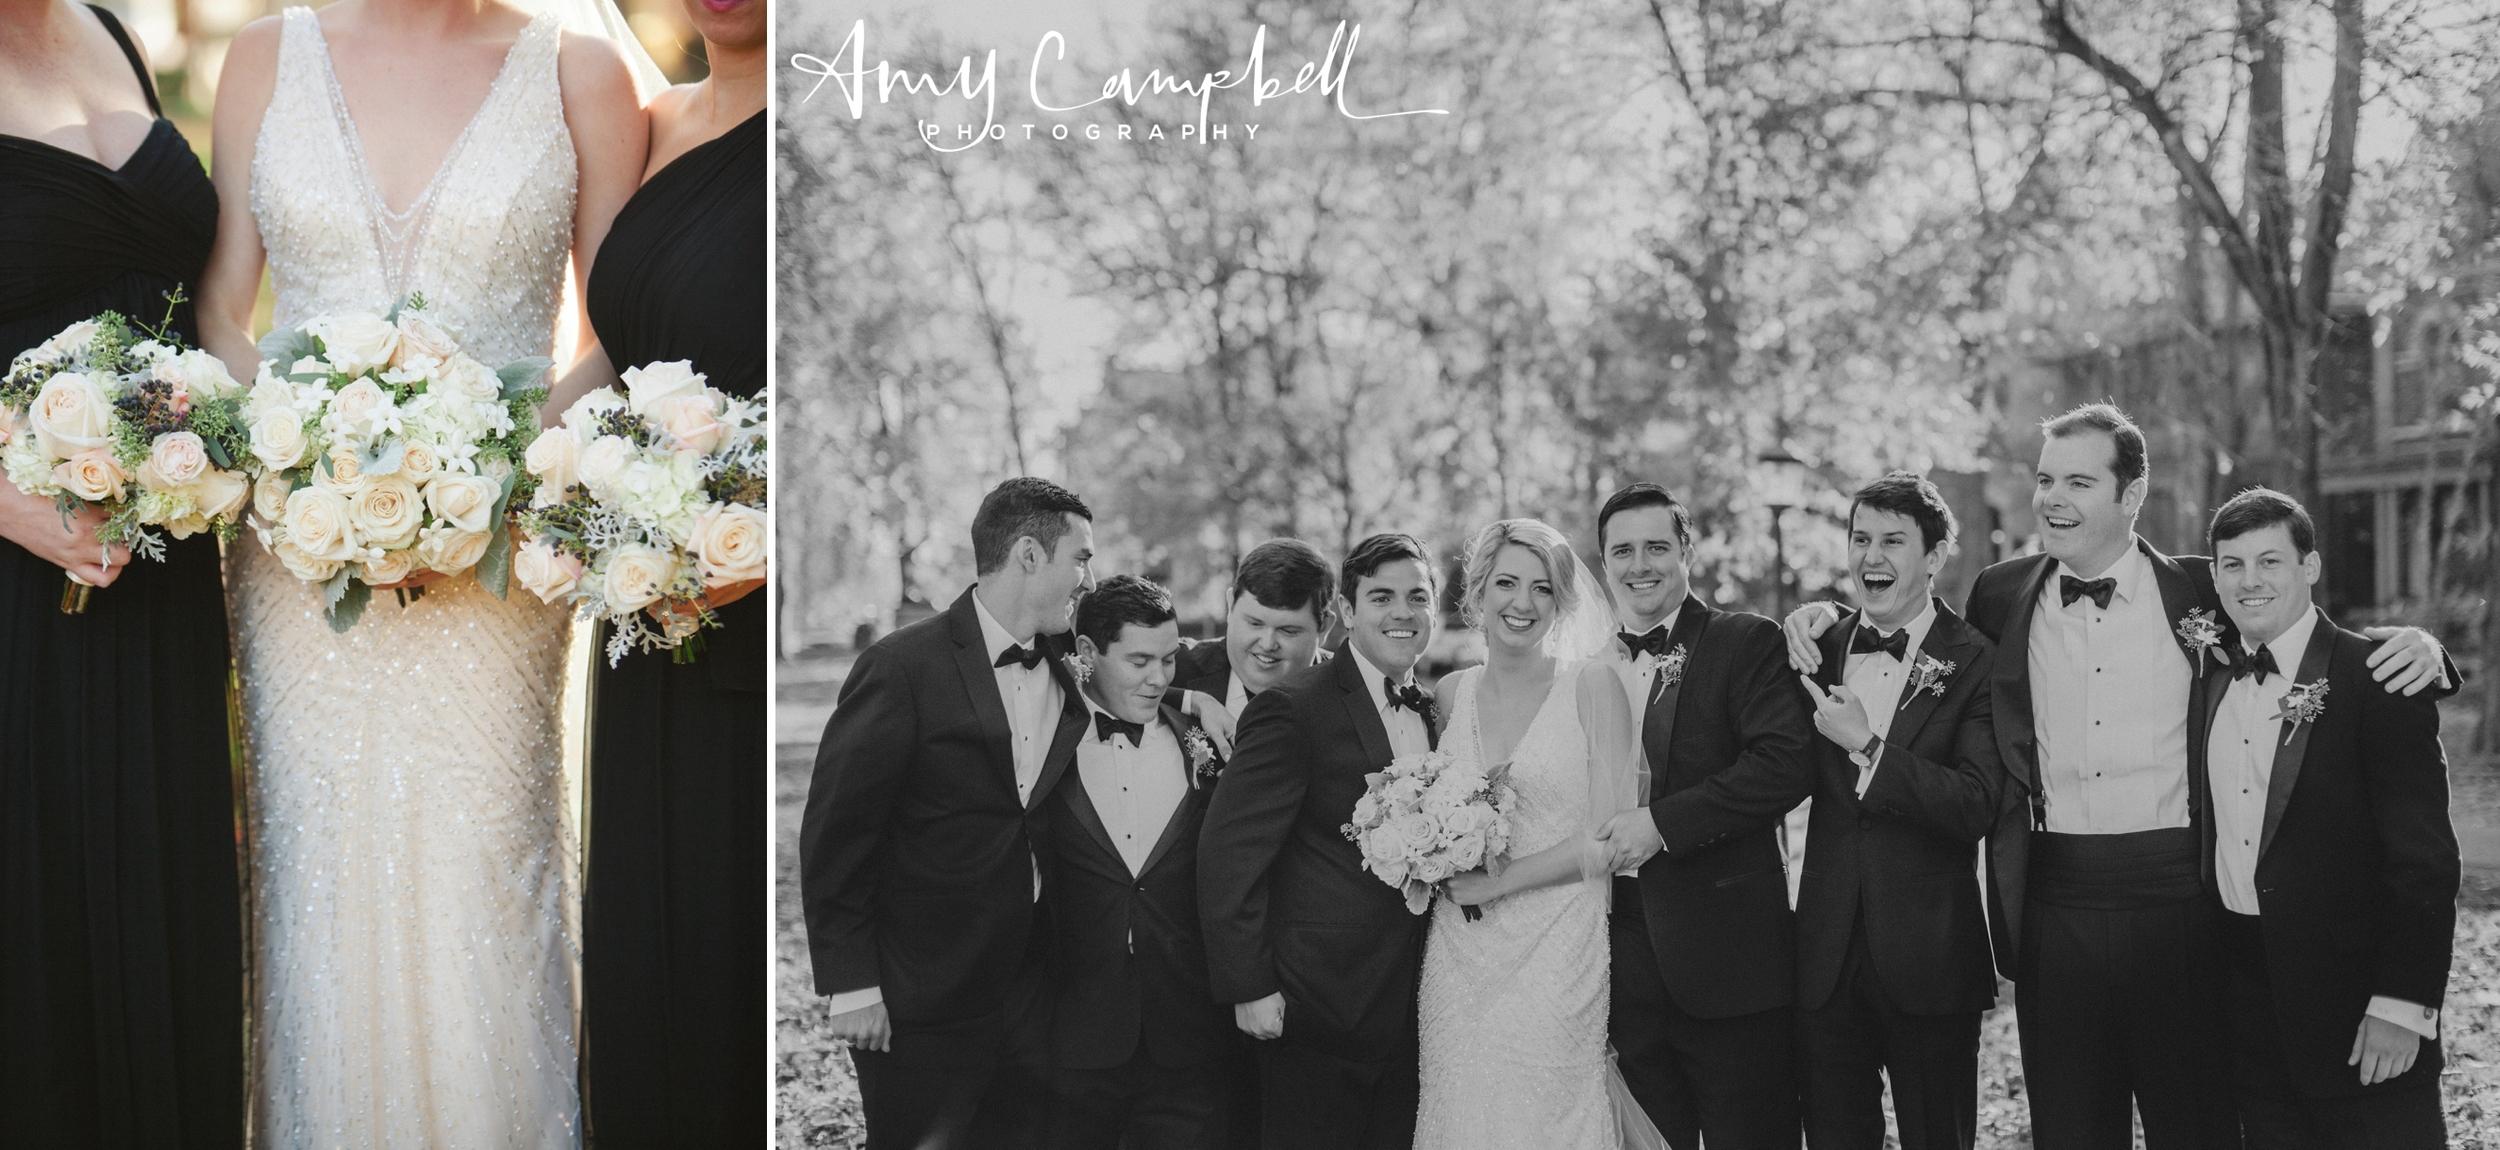 emmakyle_wedding_fb_amycampbellphotography_0028.jpg